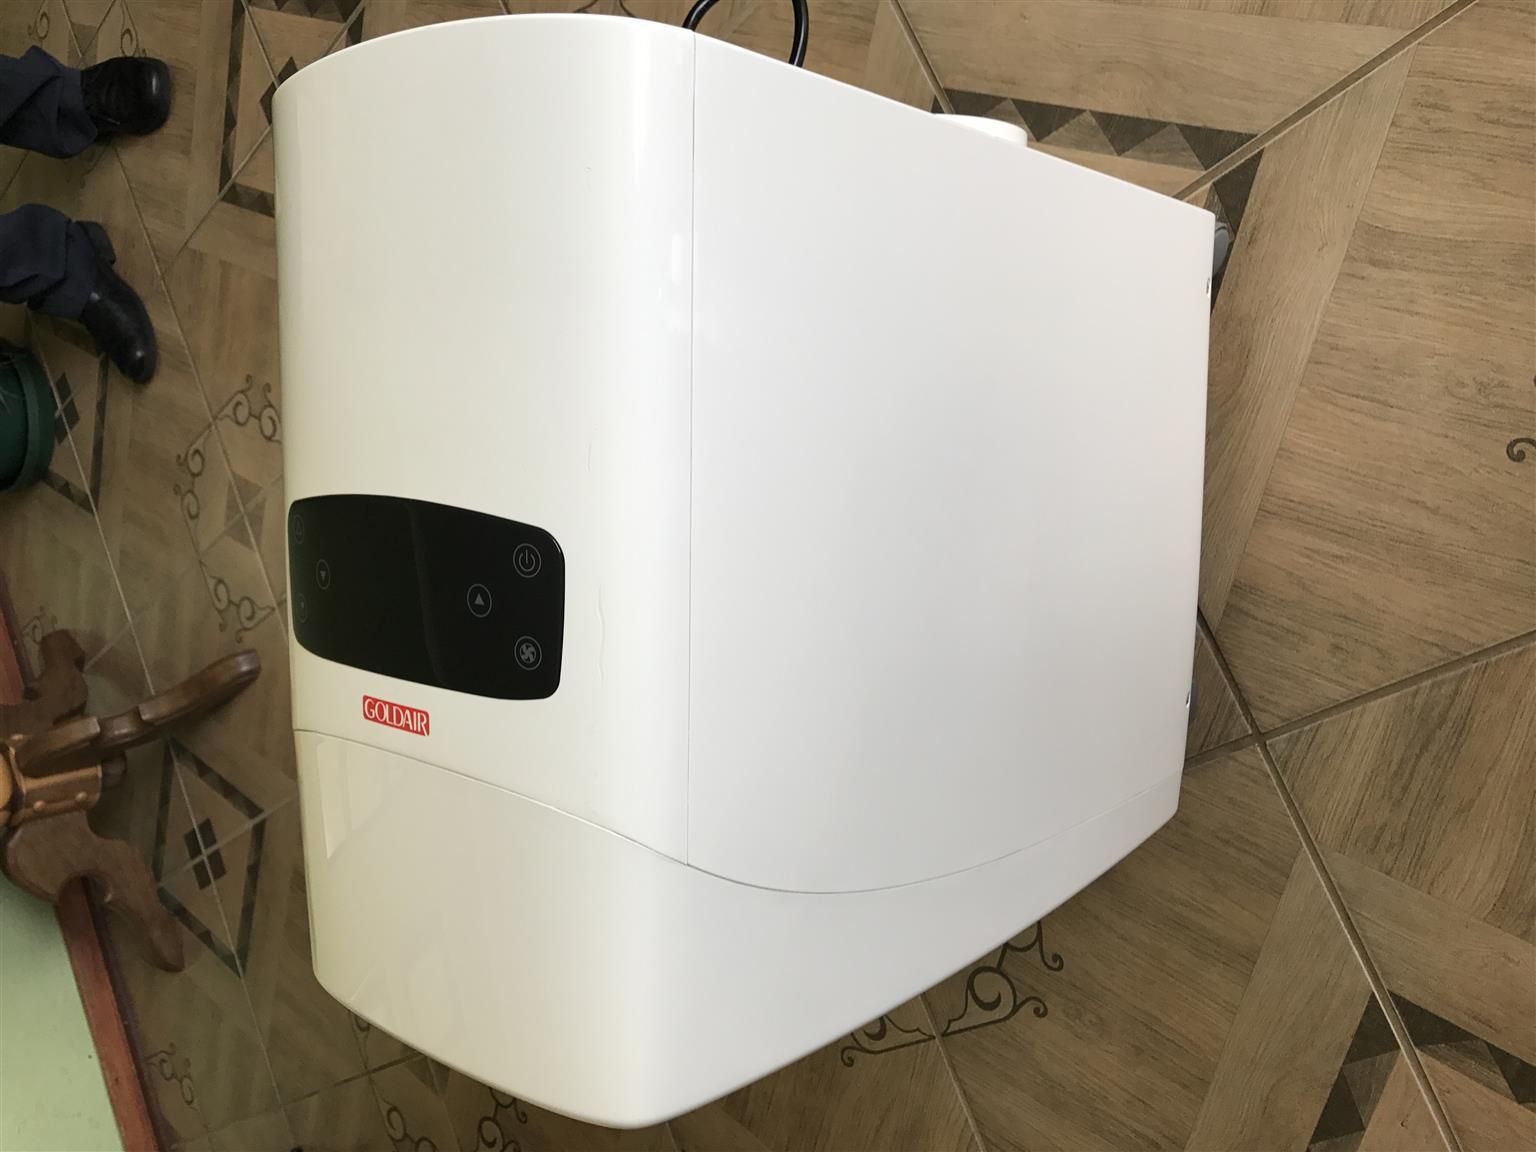 Goldair portable aircon